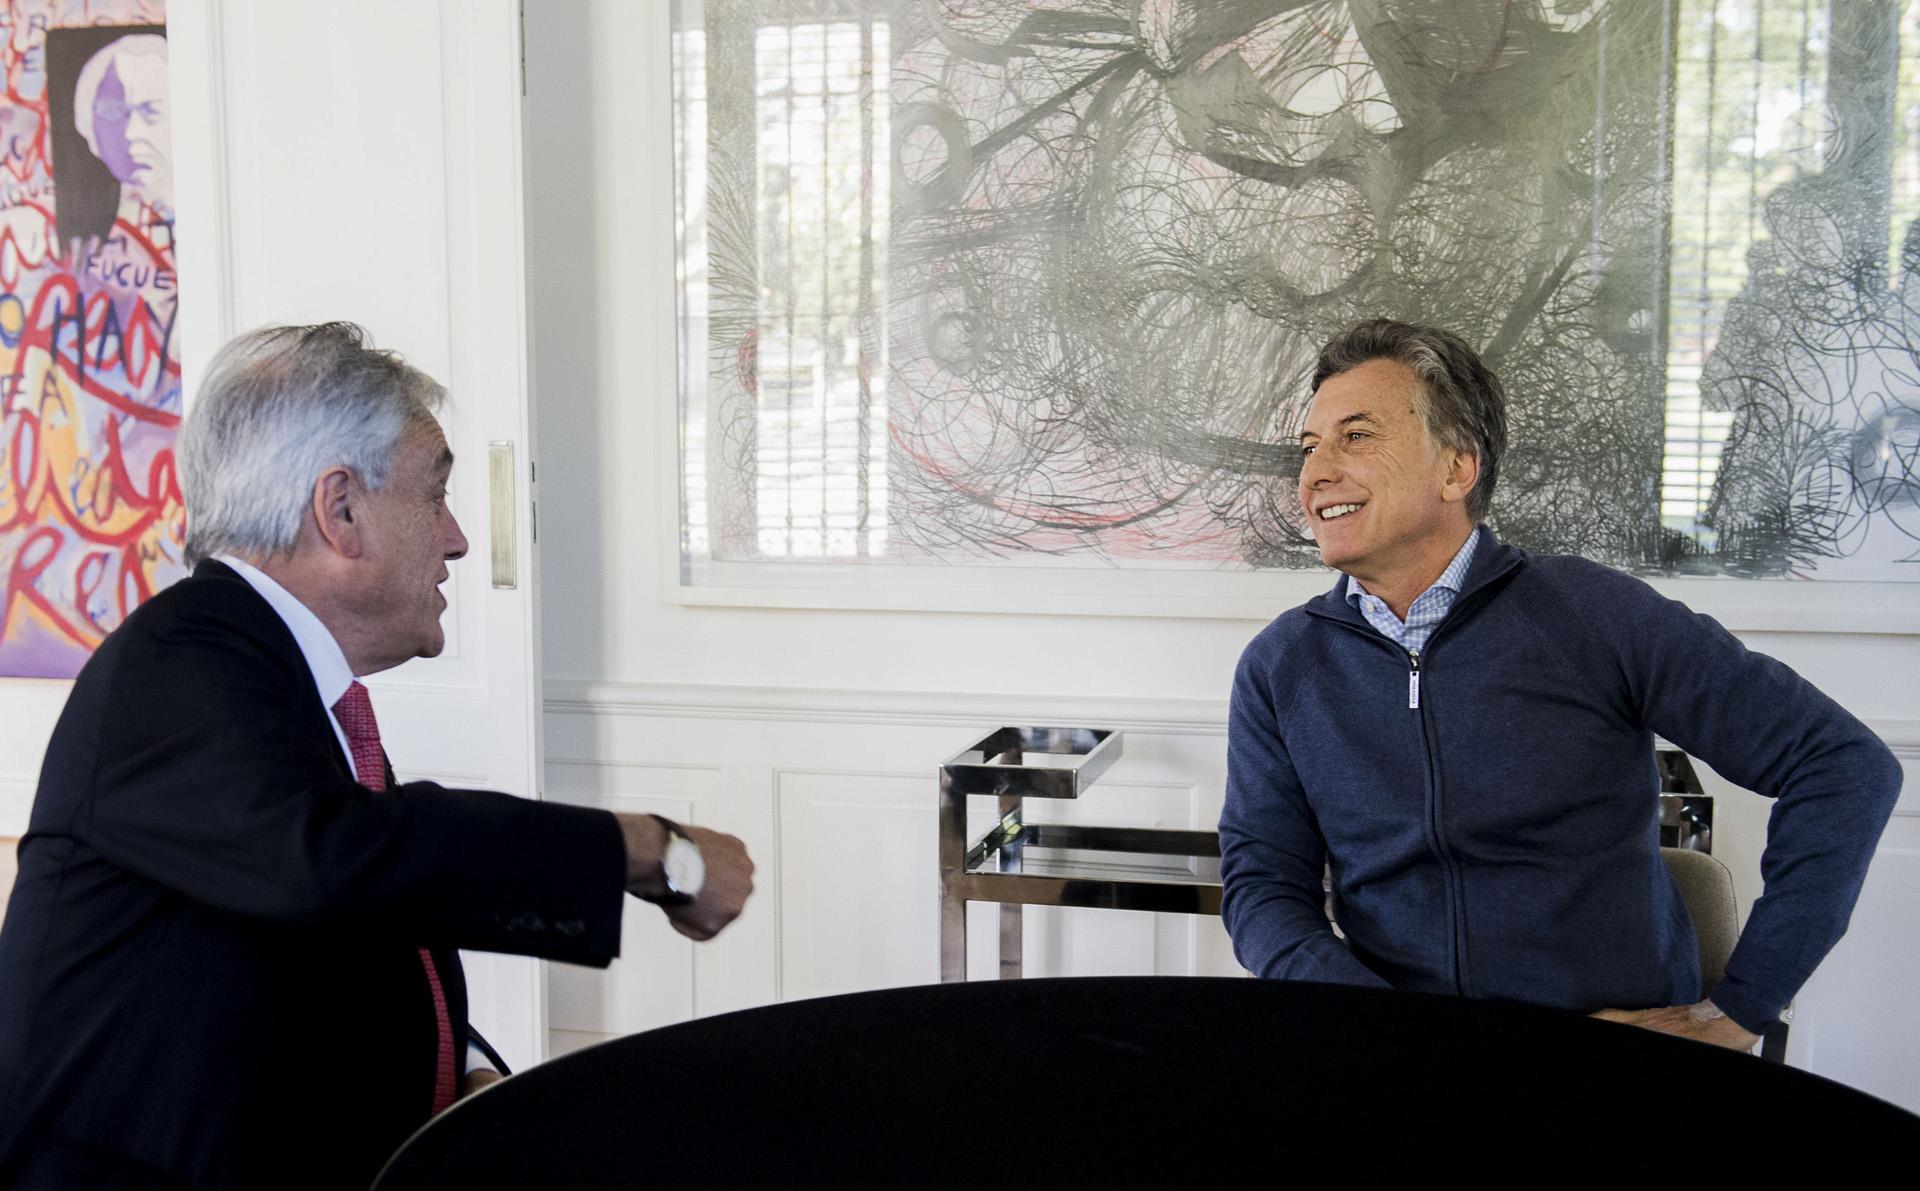 El presidente Mauricio Macri recibió hoy en Olivos al ex mandatario chileno Sebastián Piñera